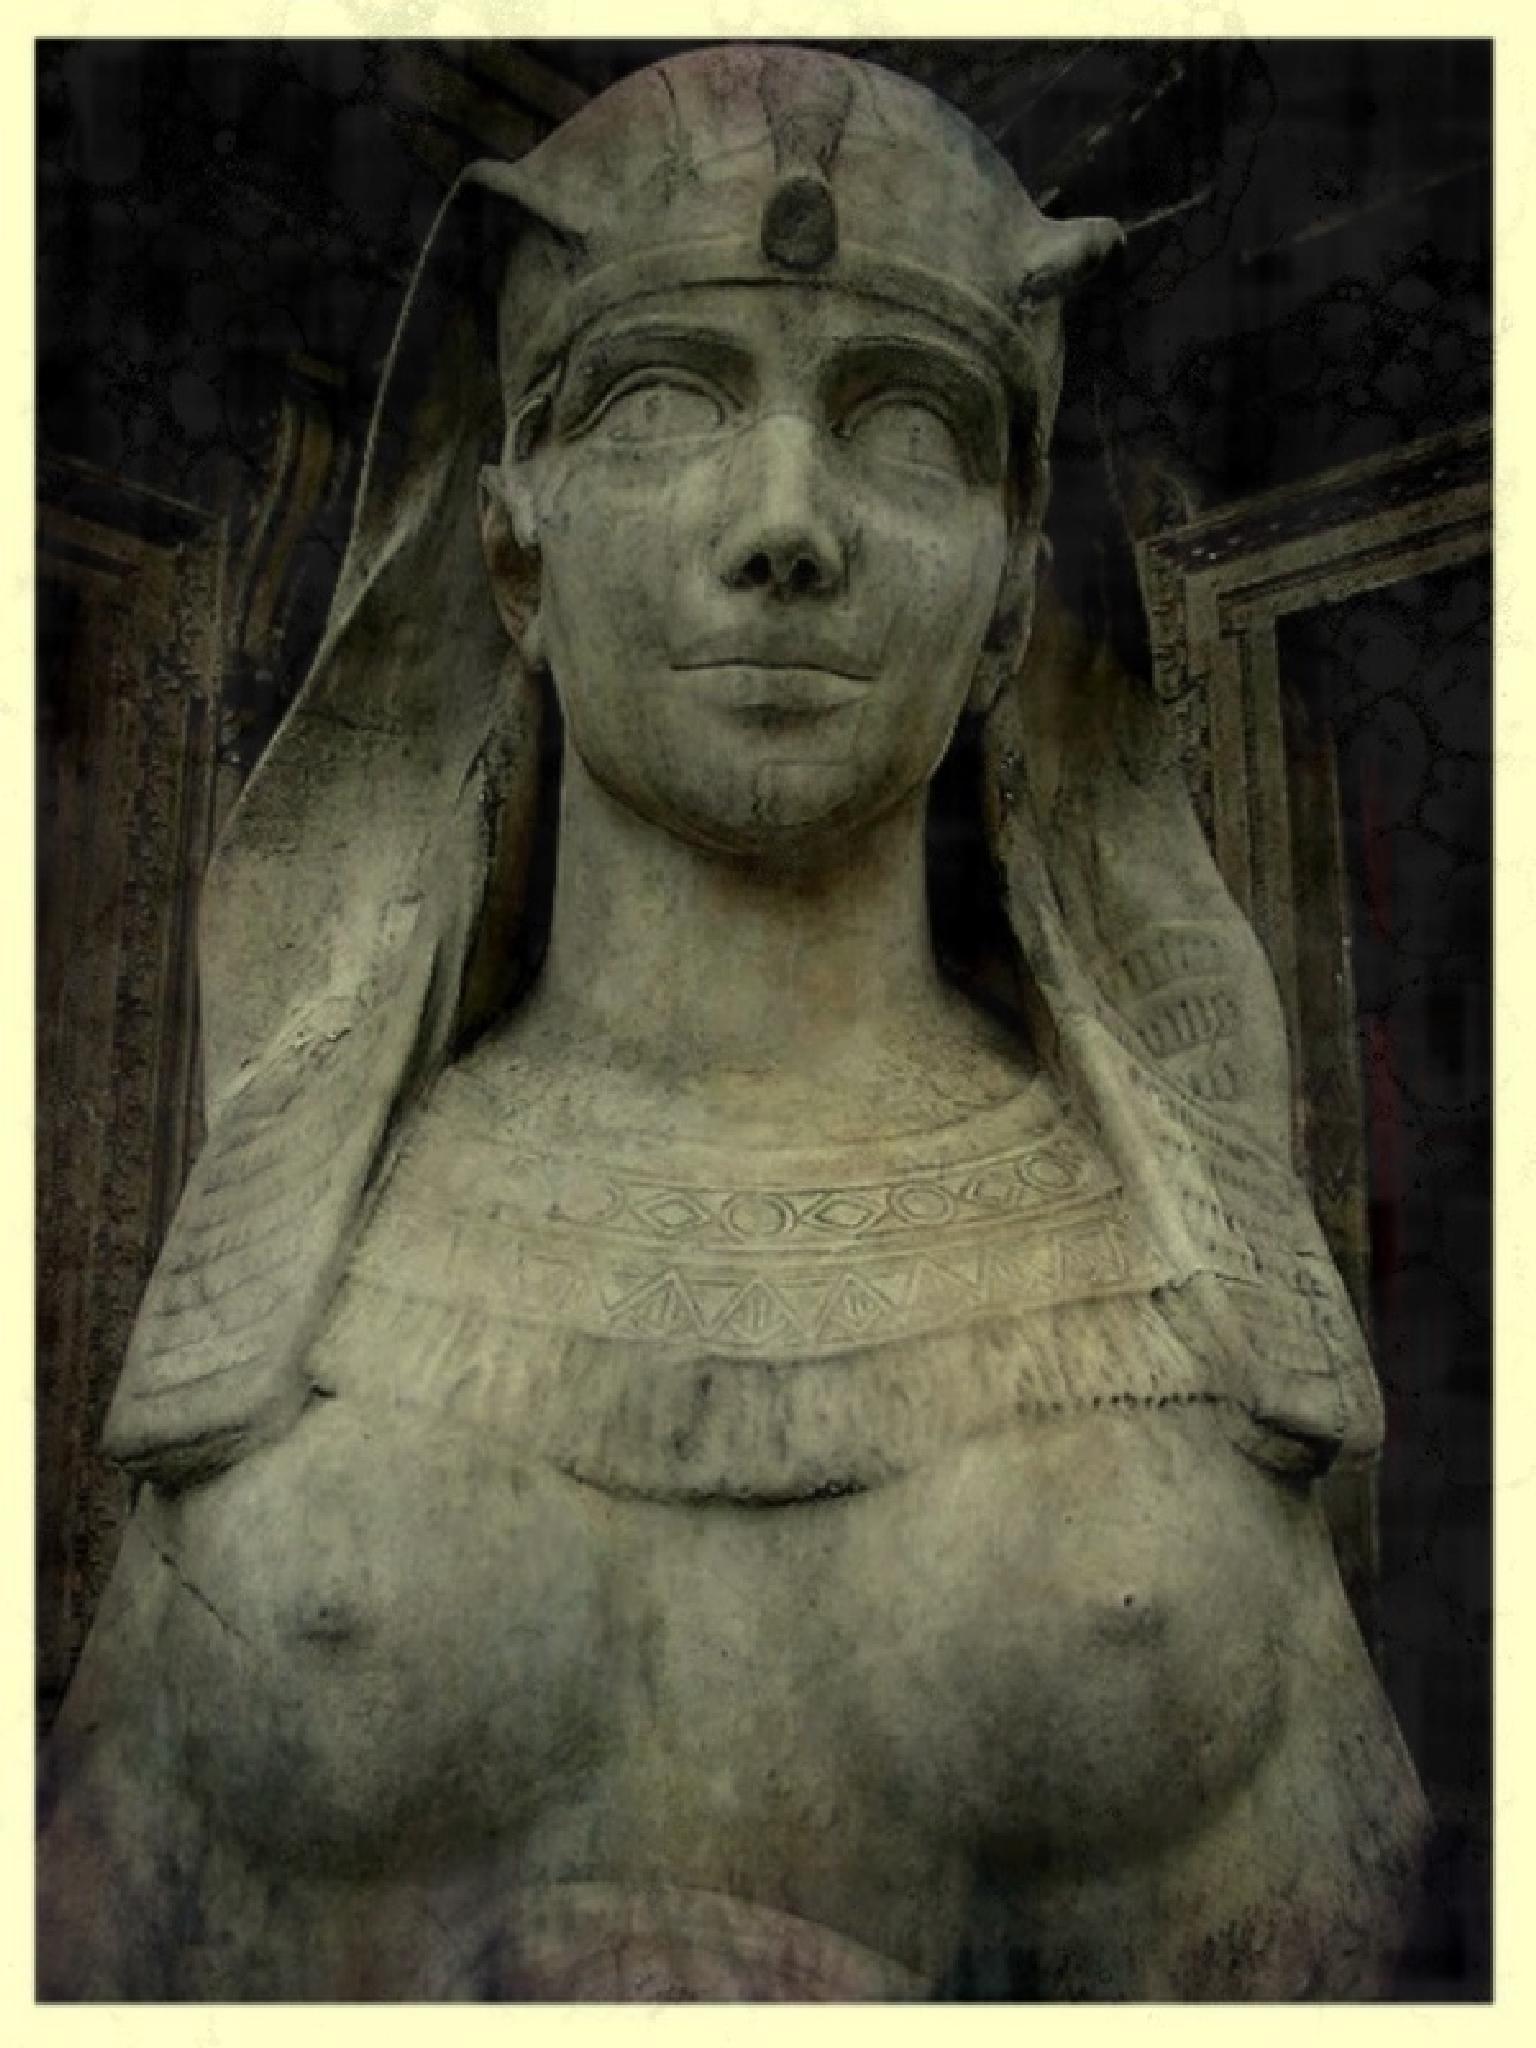 sphinx 4 by FabioKeiner